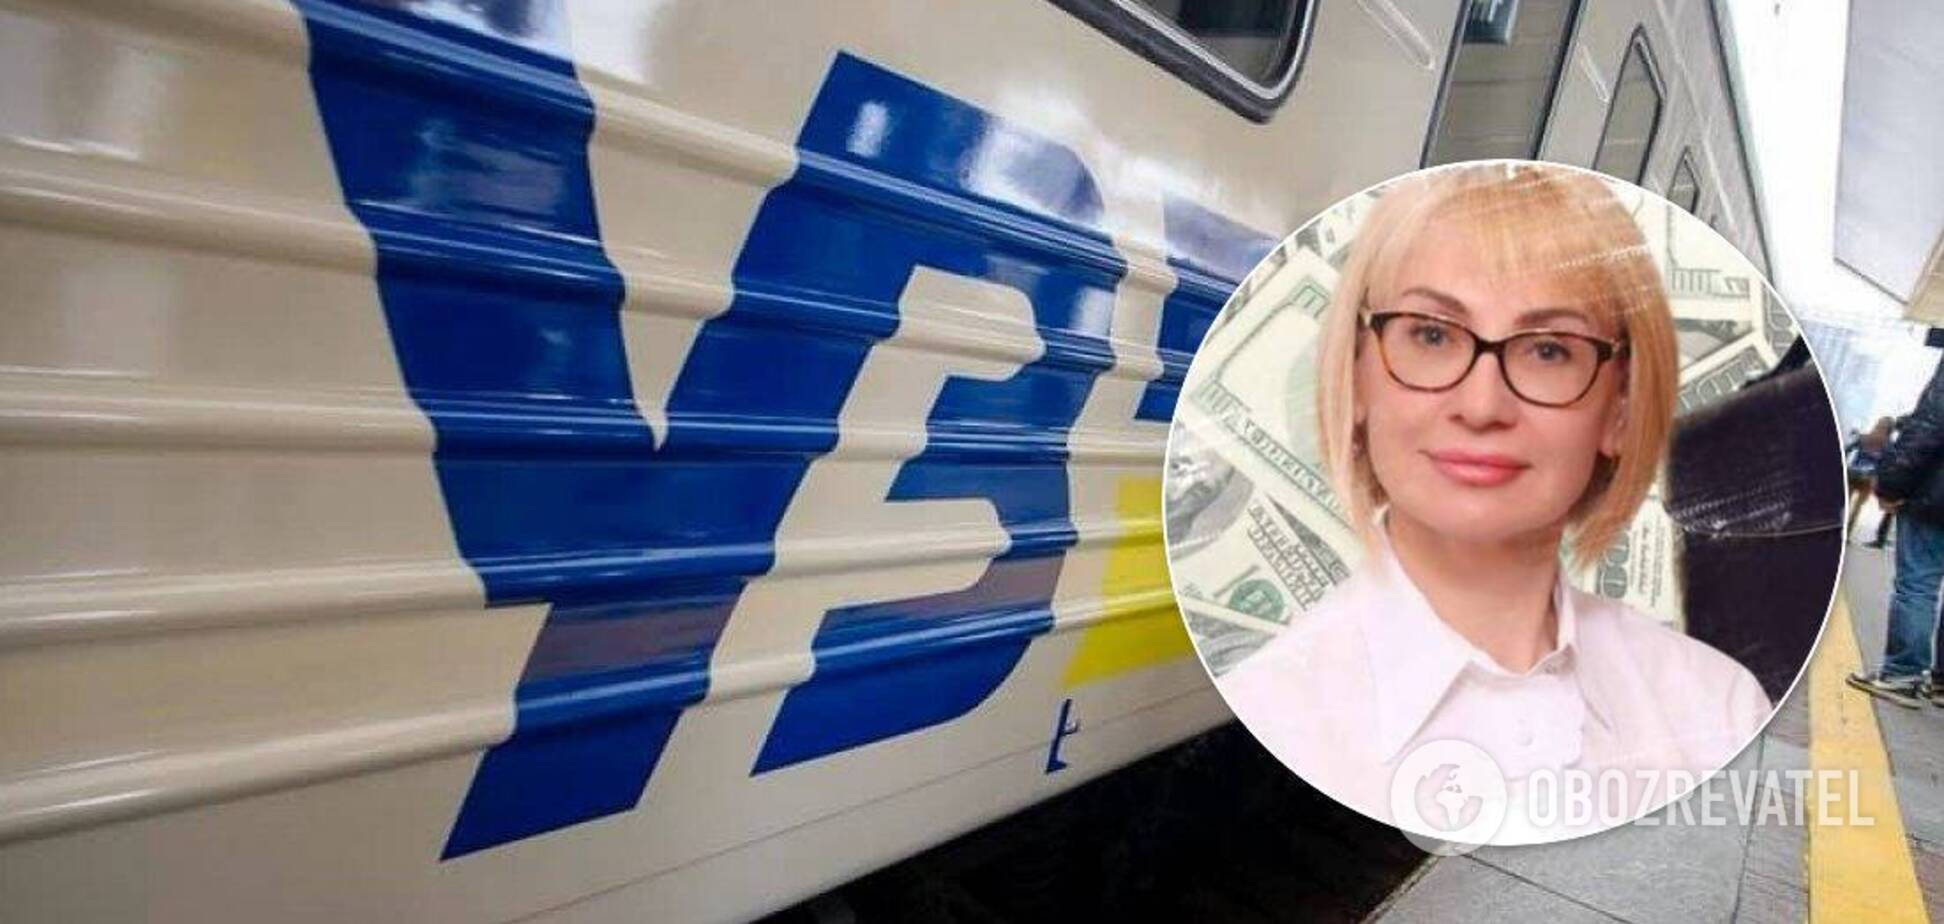 'Укрзалізниця' закупила дизель по цене 'Роттердам+' – $28